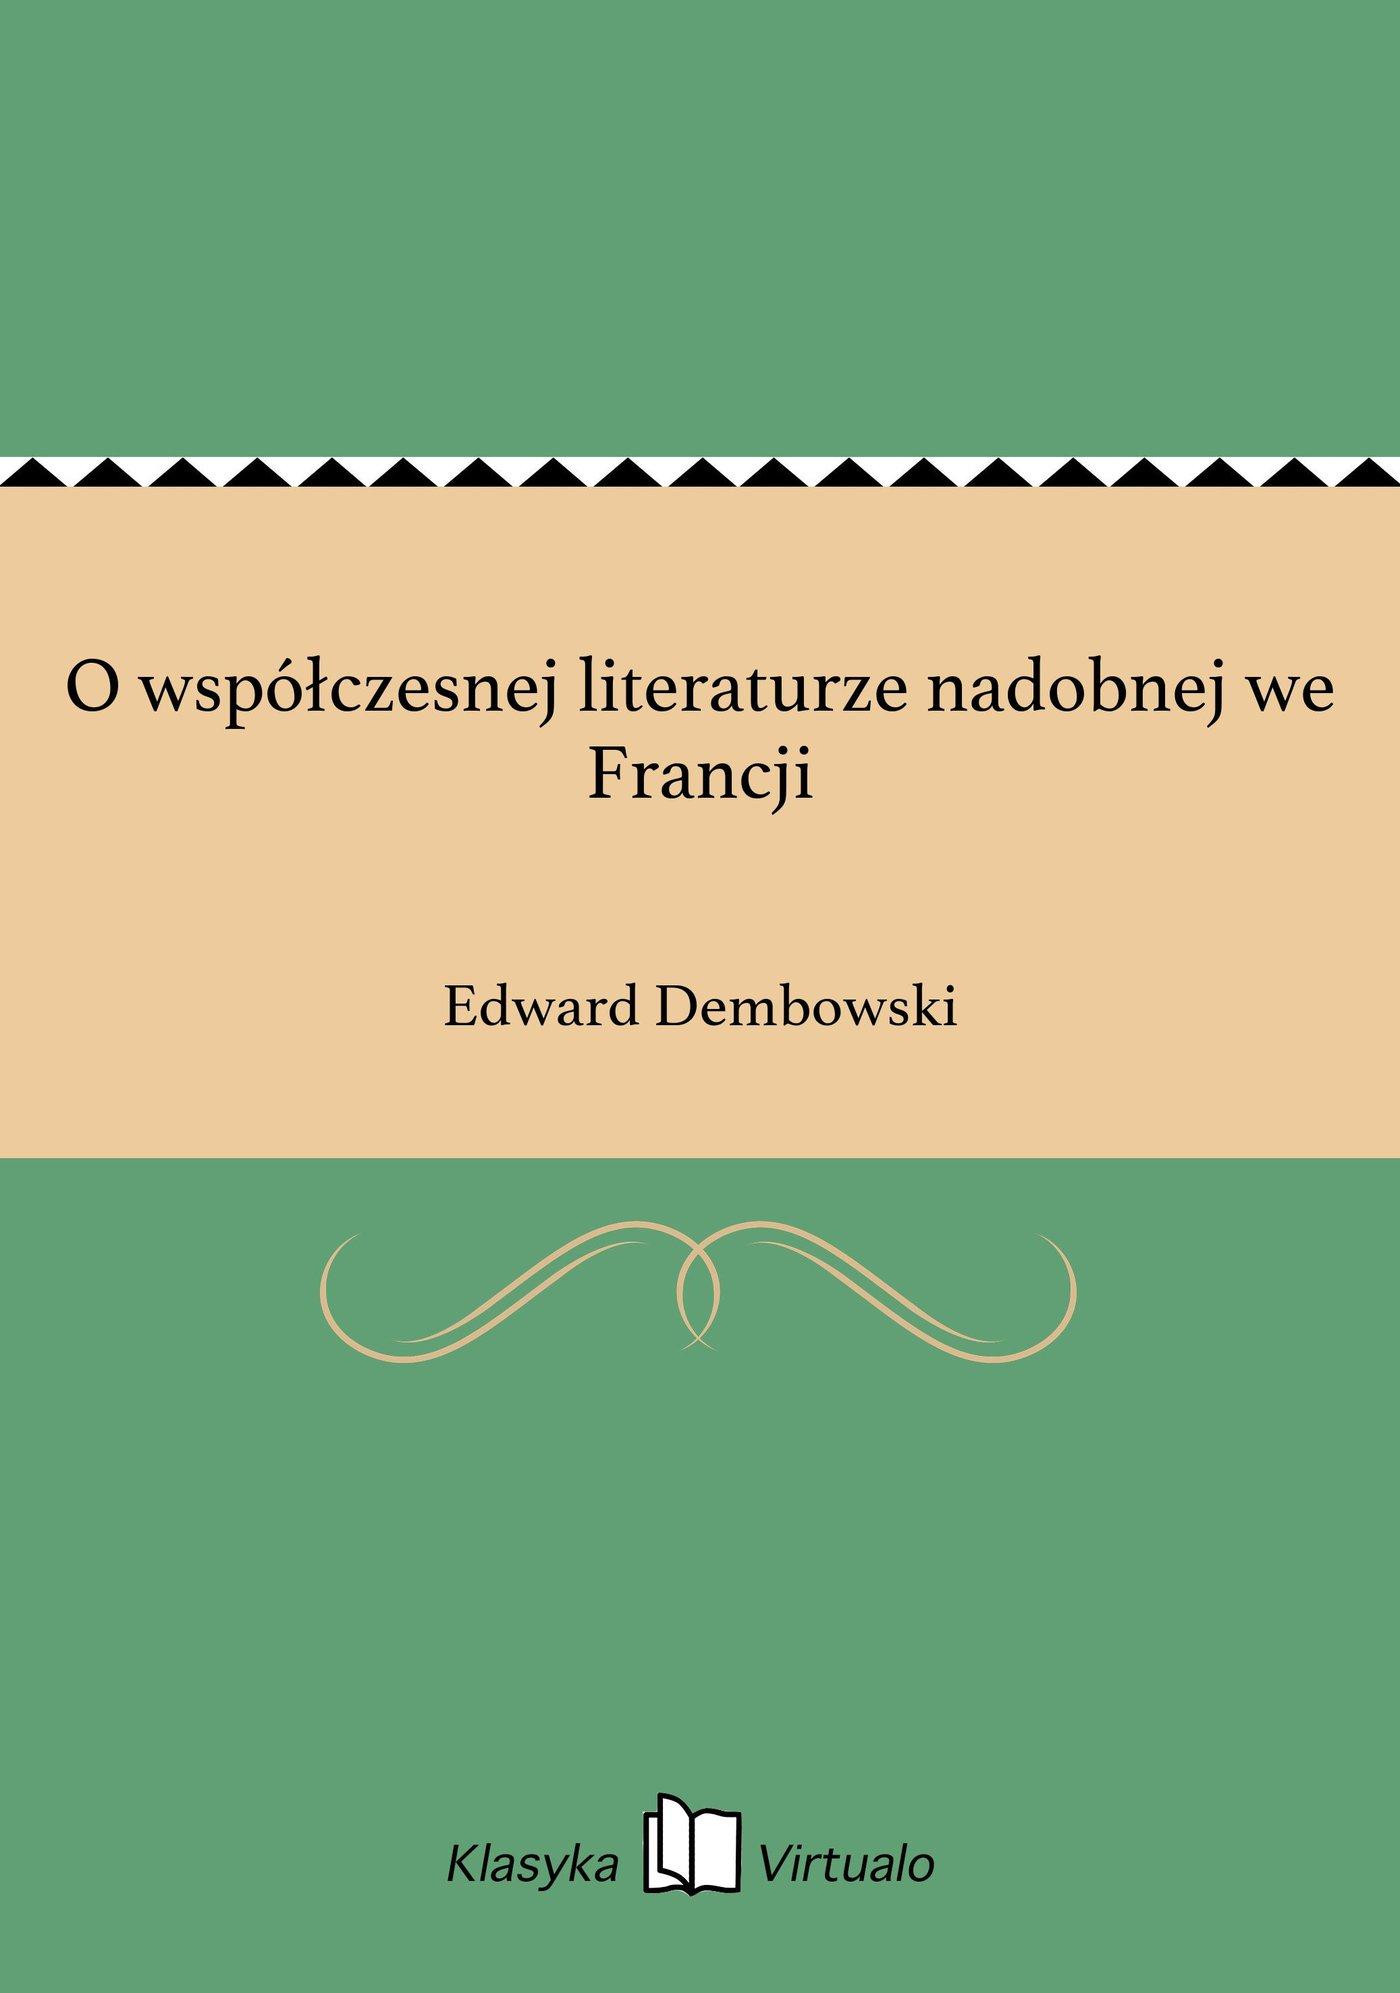 O współczesnej literaturze nadobnej we Francji - Ebook (Książka na Kindle) do pobrania w formacie MOBI